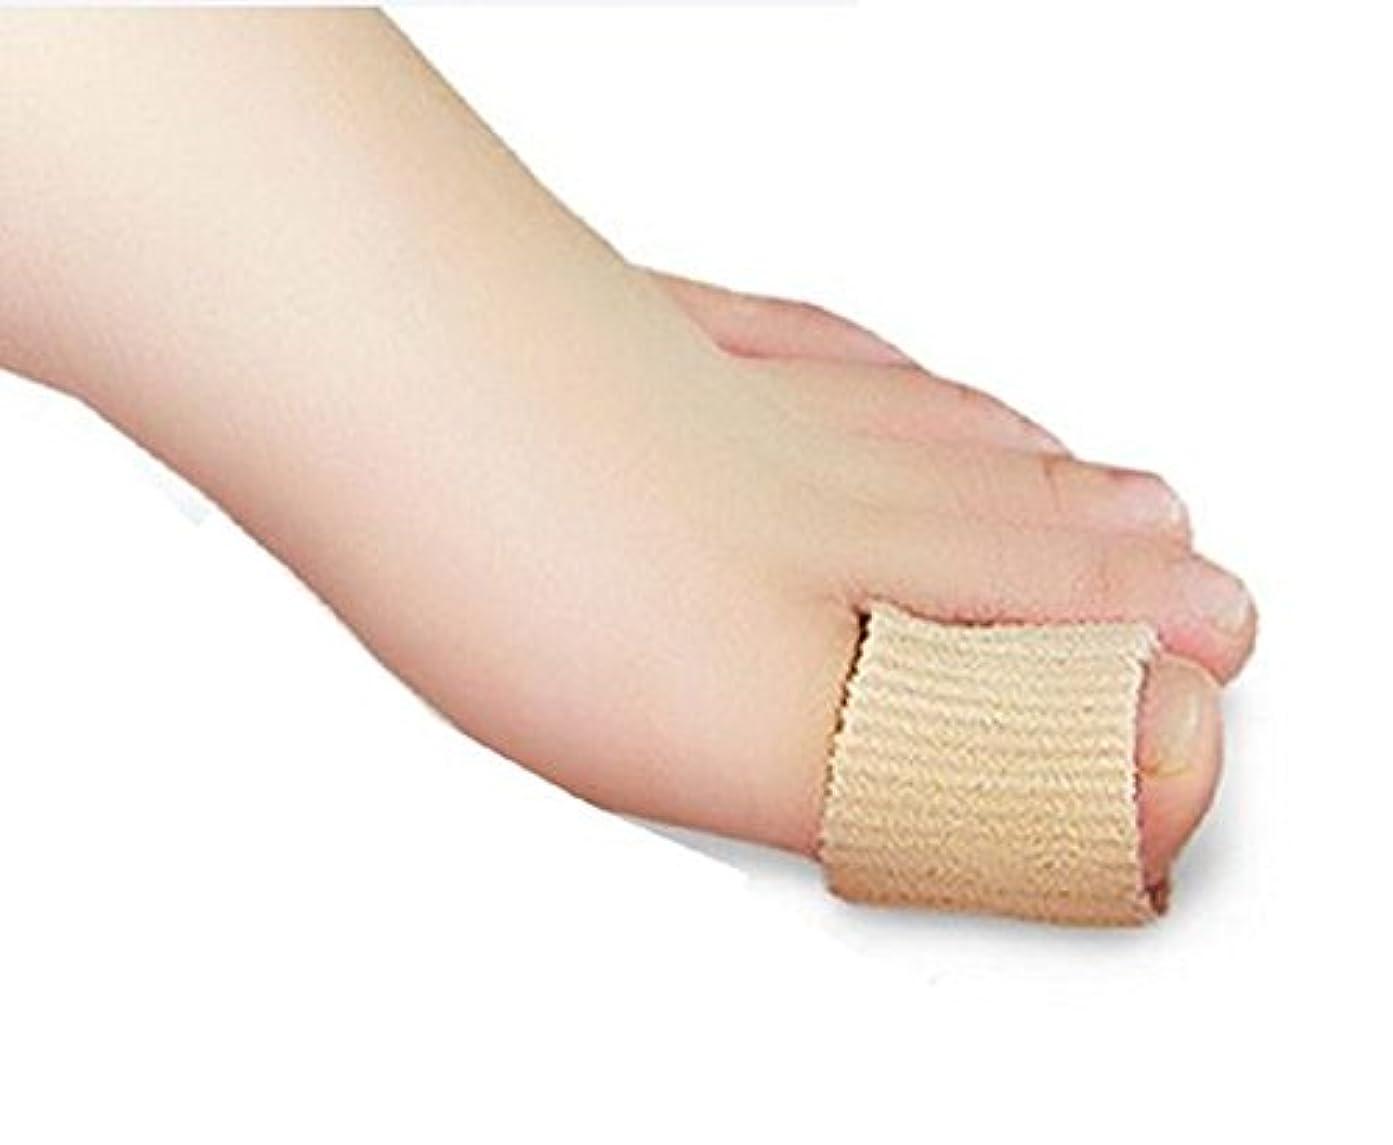 州寄稿者正気I BECOME FREE 足指保護パッド 手の指 突き指 足まめ マメ 水虫 腫れ 内部のジェルで優しく包みます